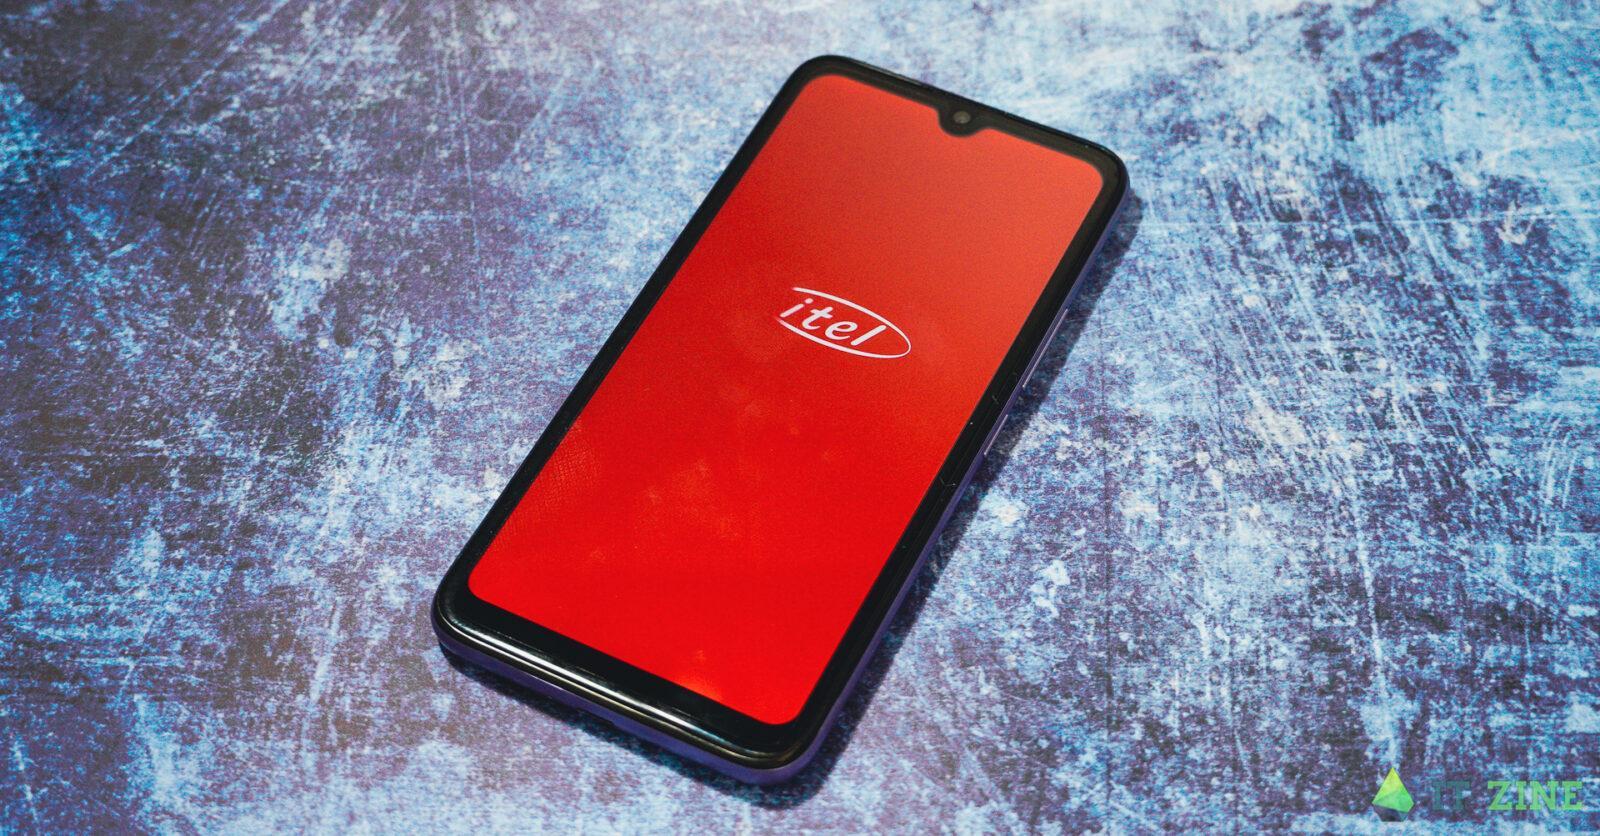 Обзор Itel A48: недорогой смартфон с LTE для школьников (itel A48 09)